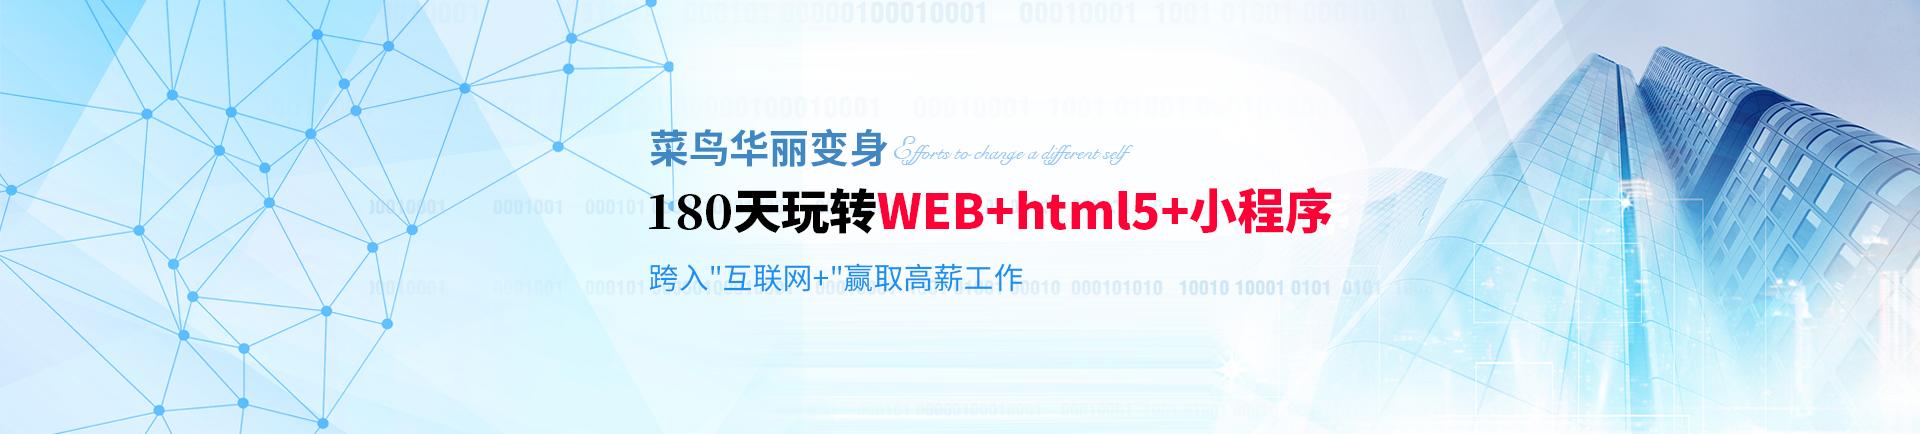 180天玩转WEB+html5+�程� 跨入互�网+赢�高薪-dalian